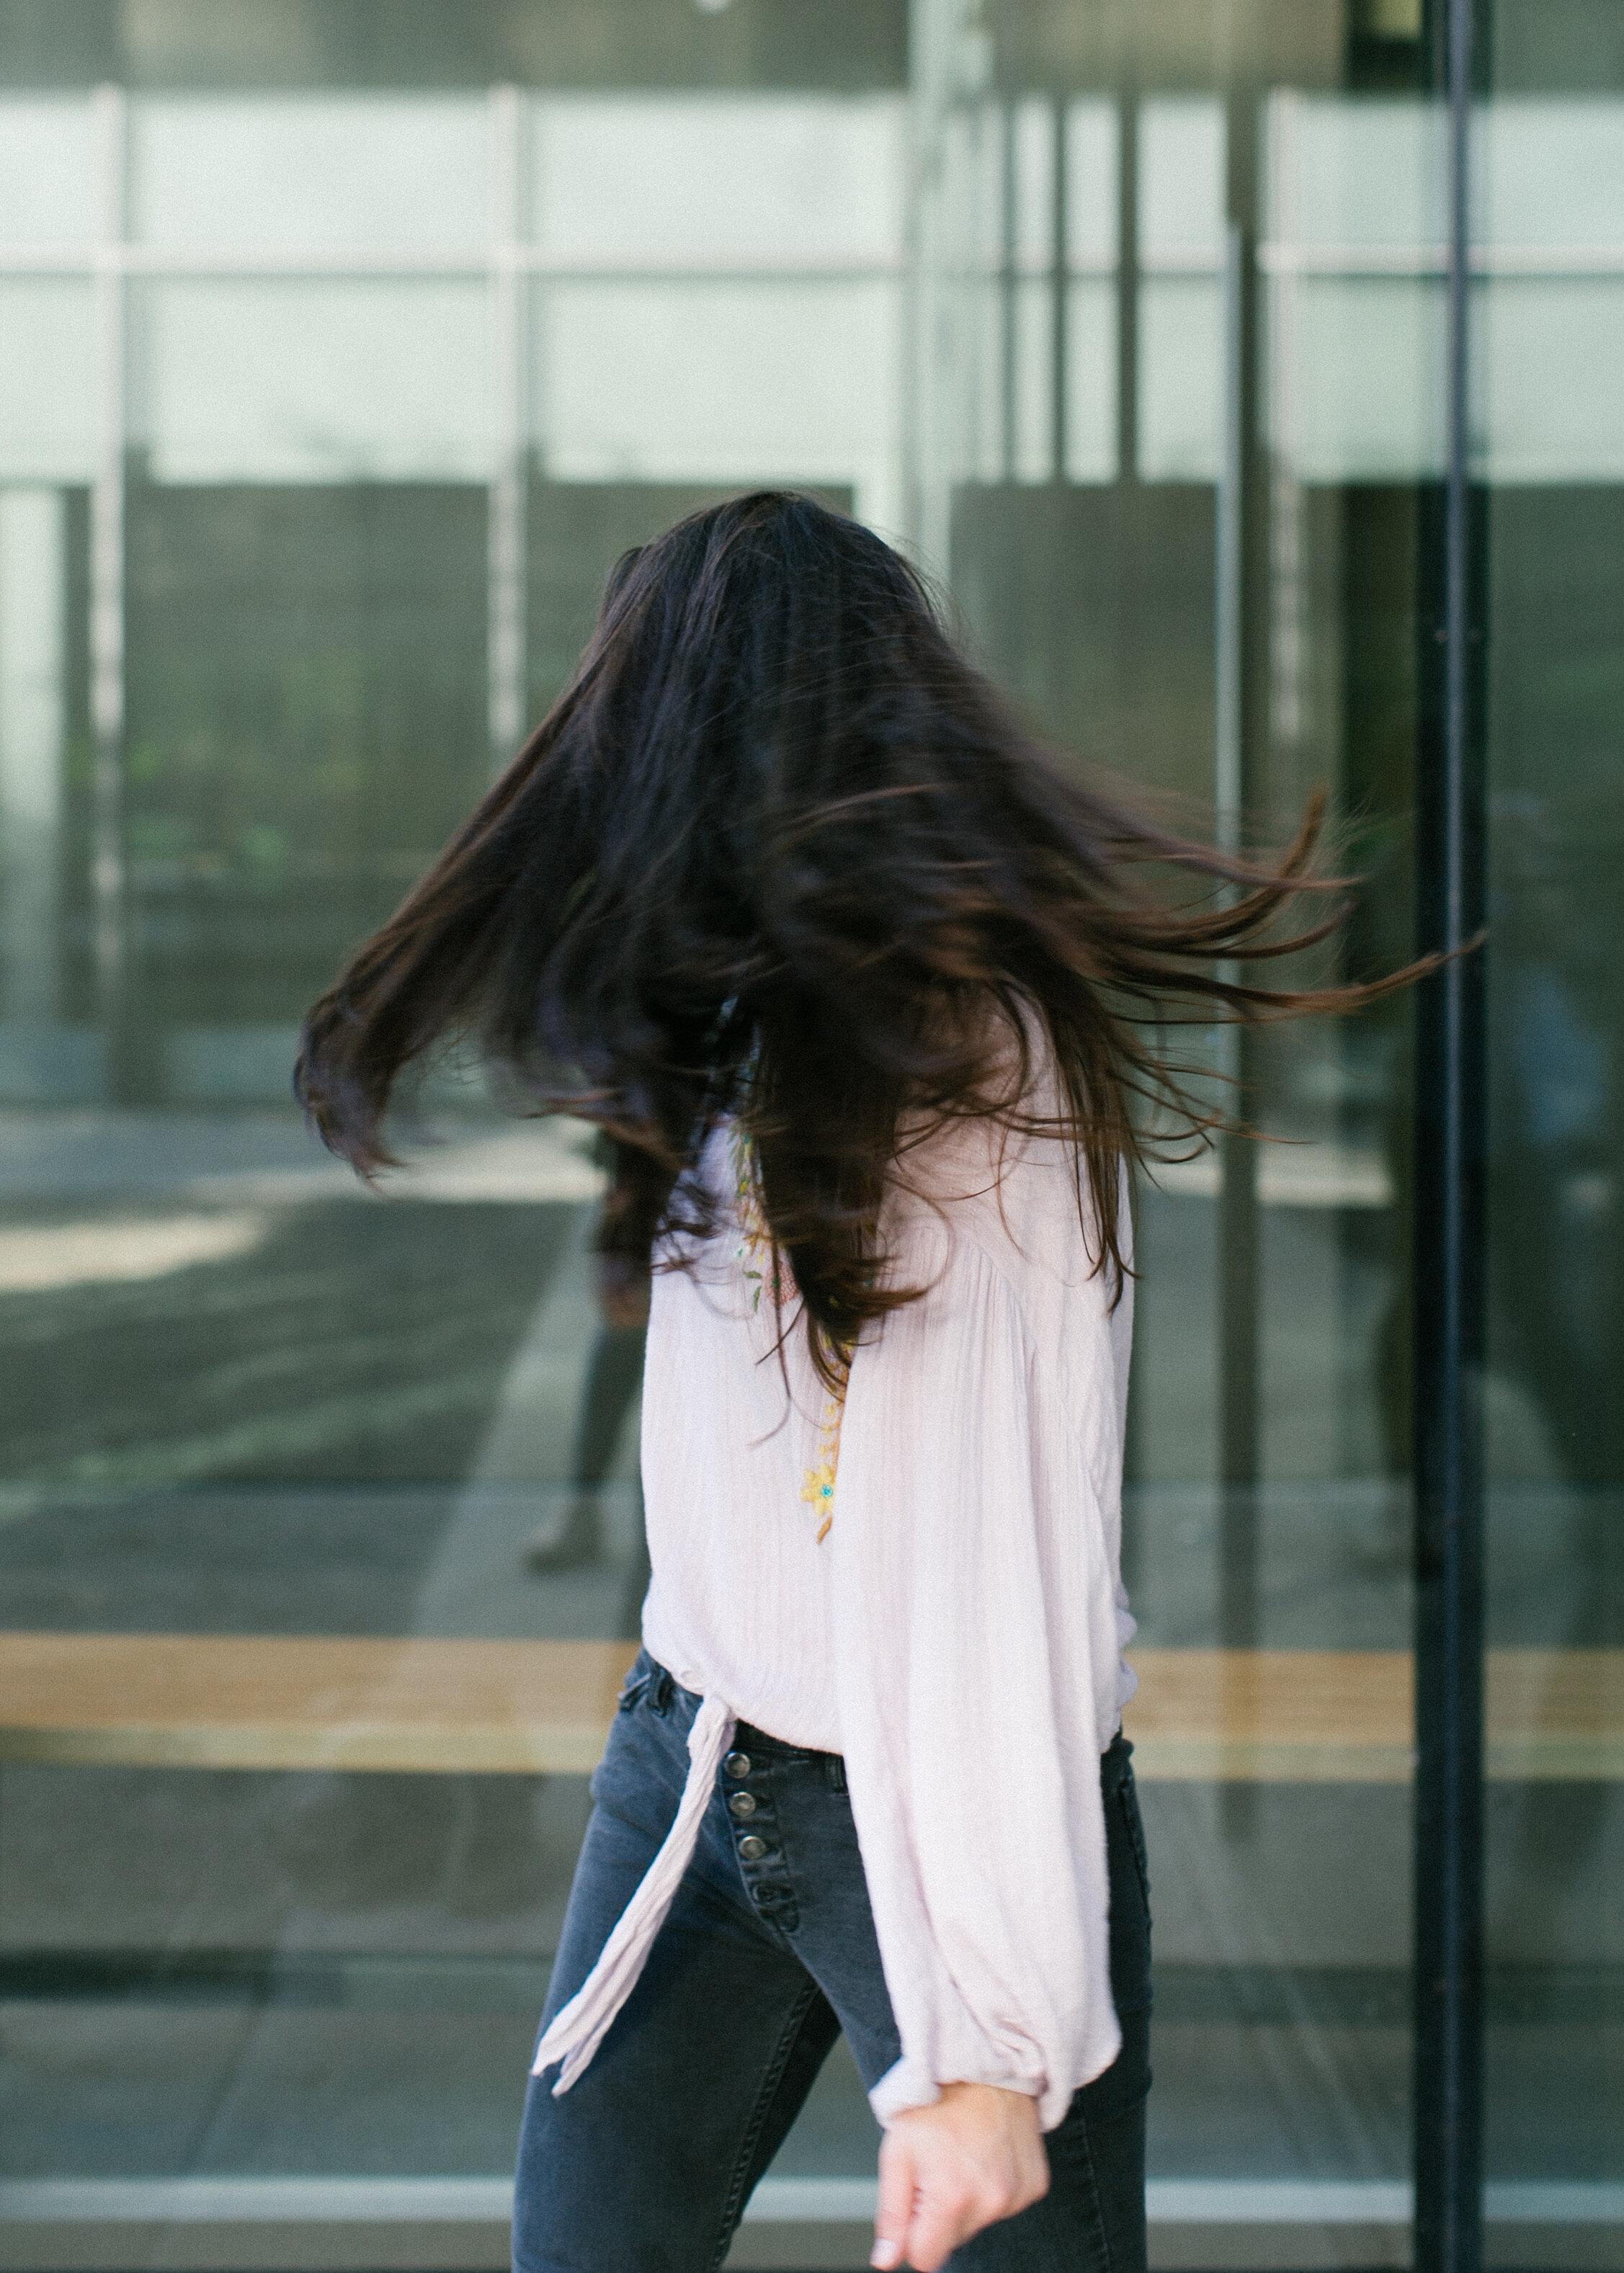 portrait_hair_motion